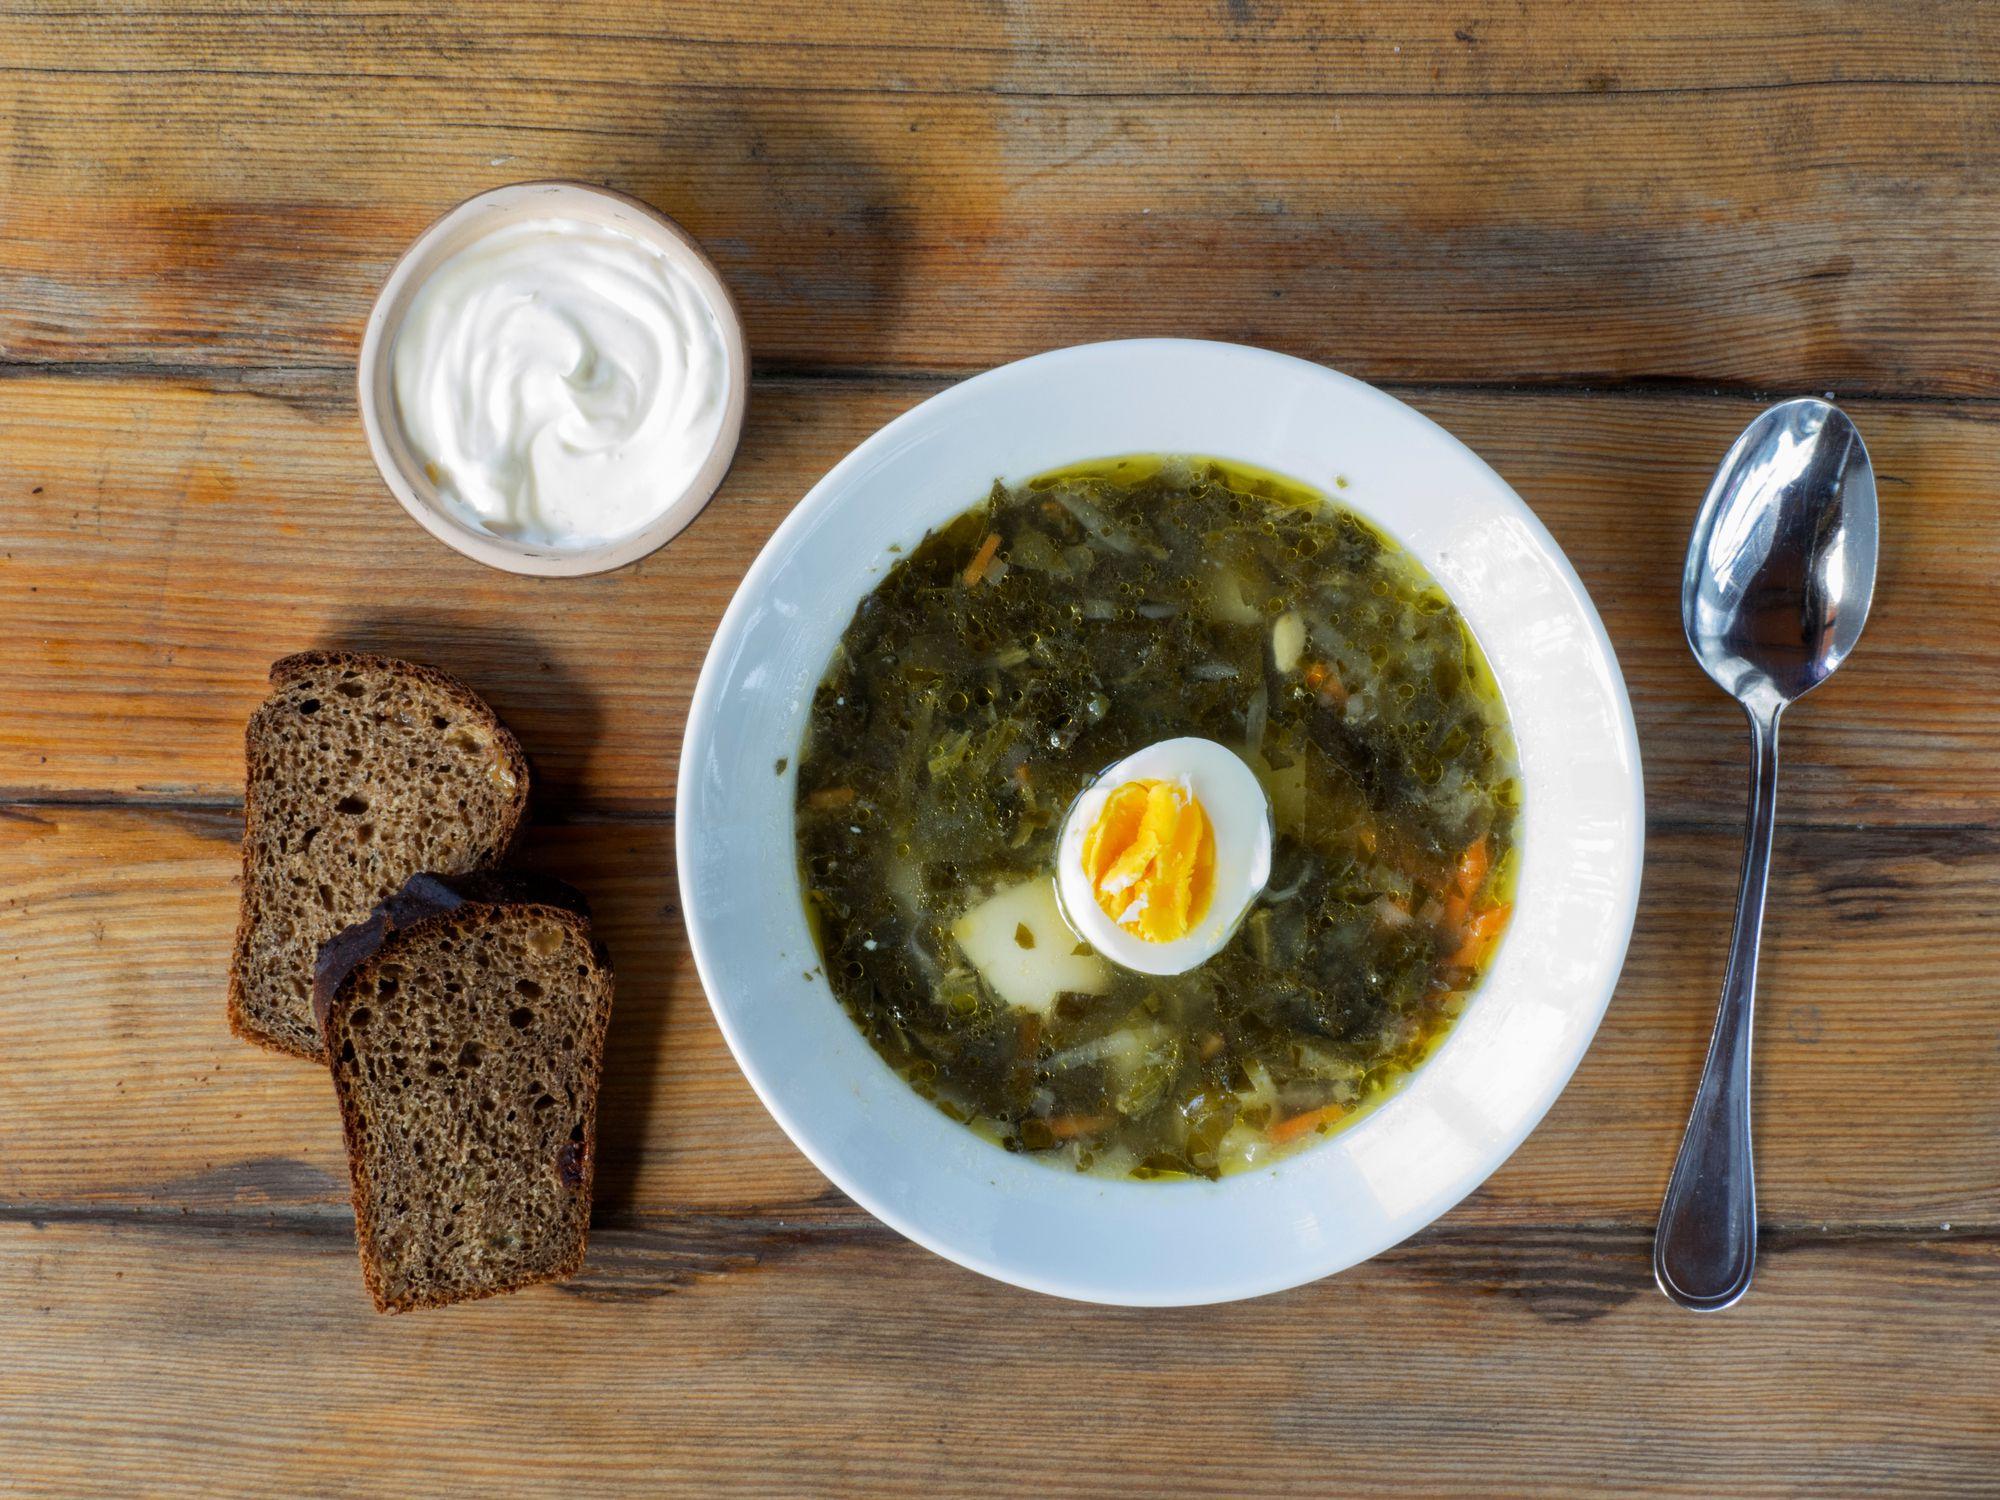 How to Make Springtime Sorrel Soup